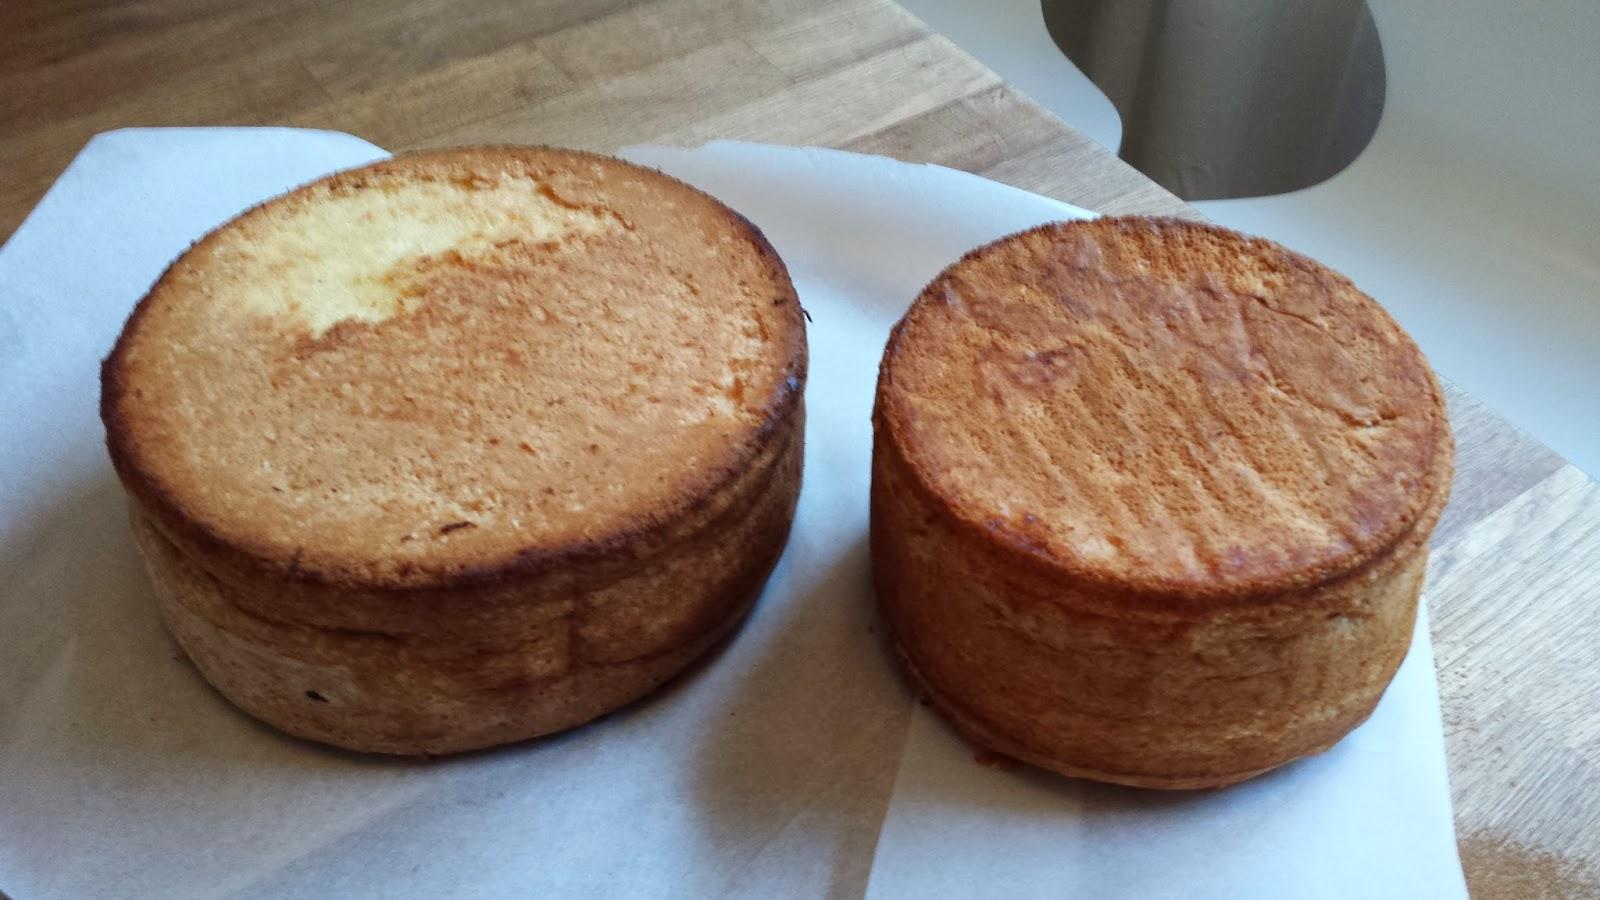 färdig tårtbotten utan ägg